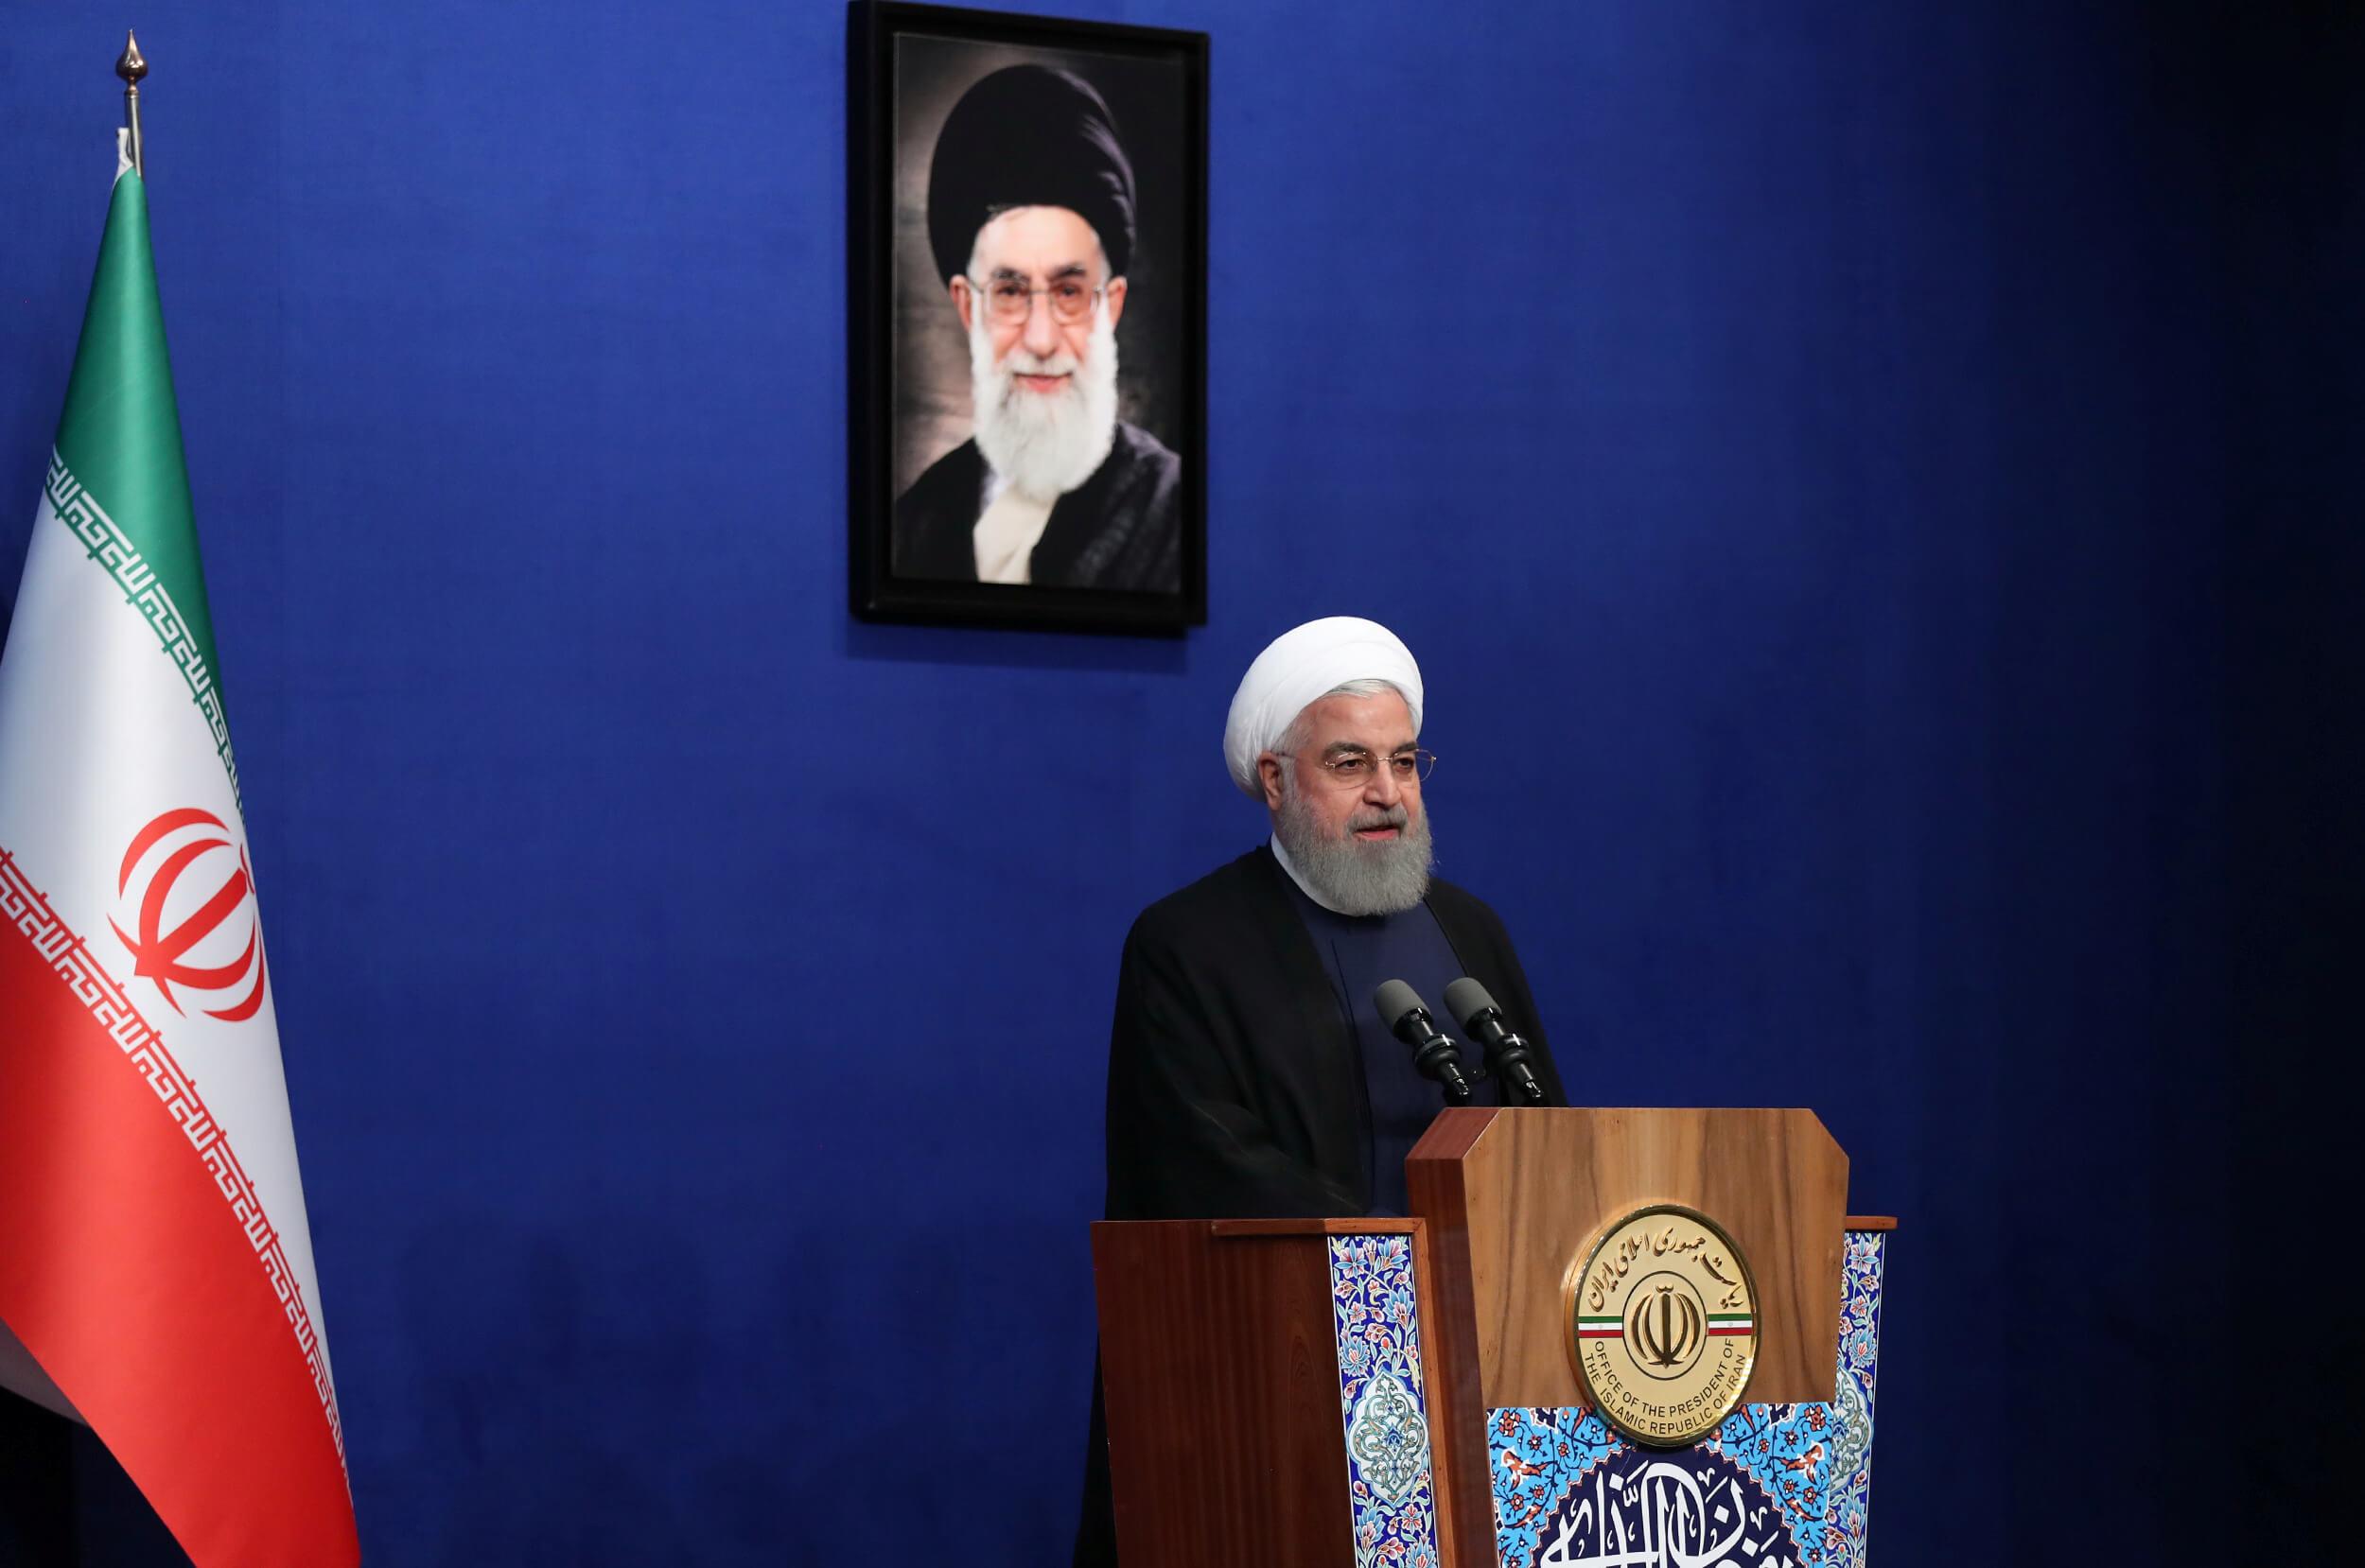 Μπουρλότο σε όλη τη Μέση Ανατολή απειλεί να βάλει το Ιράν αν δεχτεί αμερικανική επίθεση